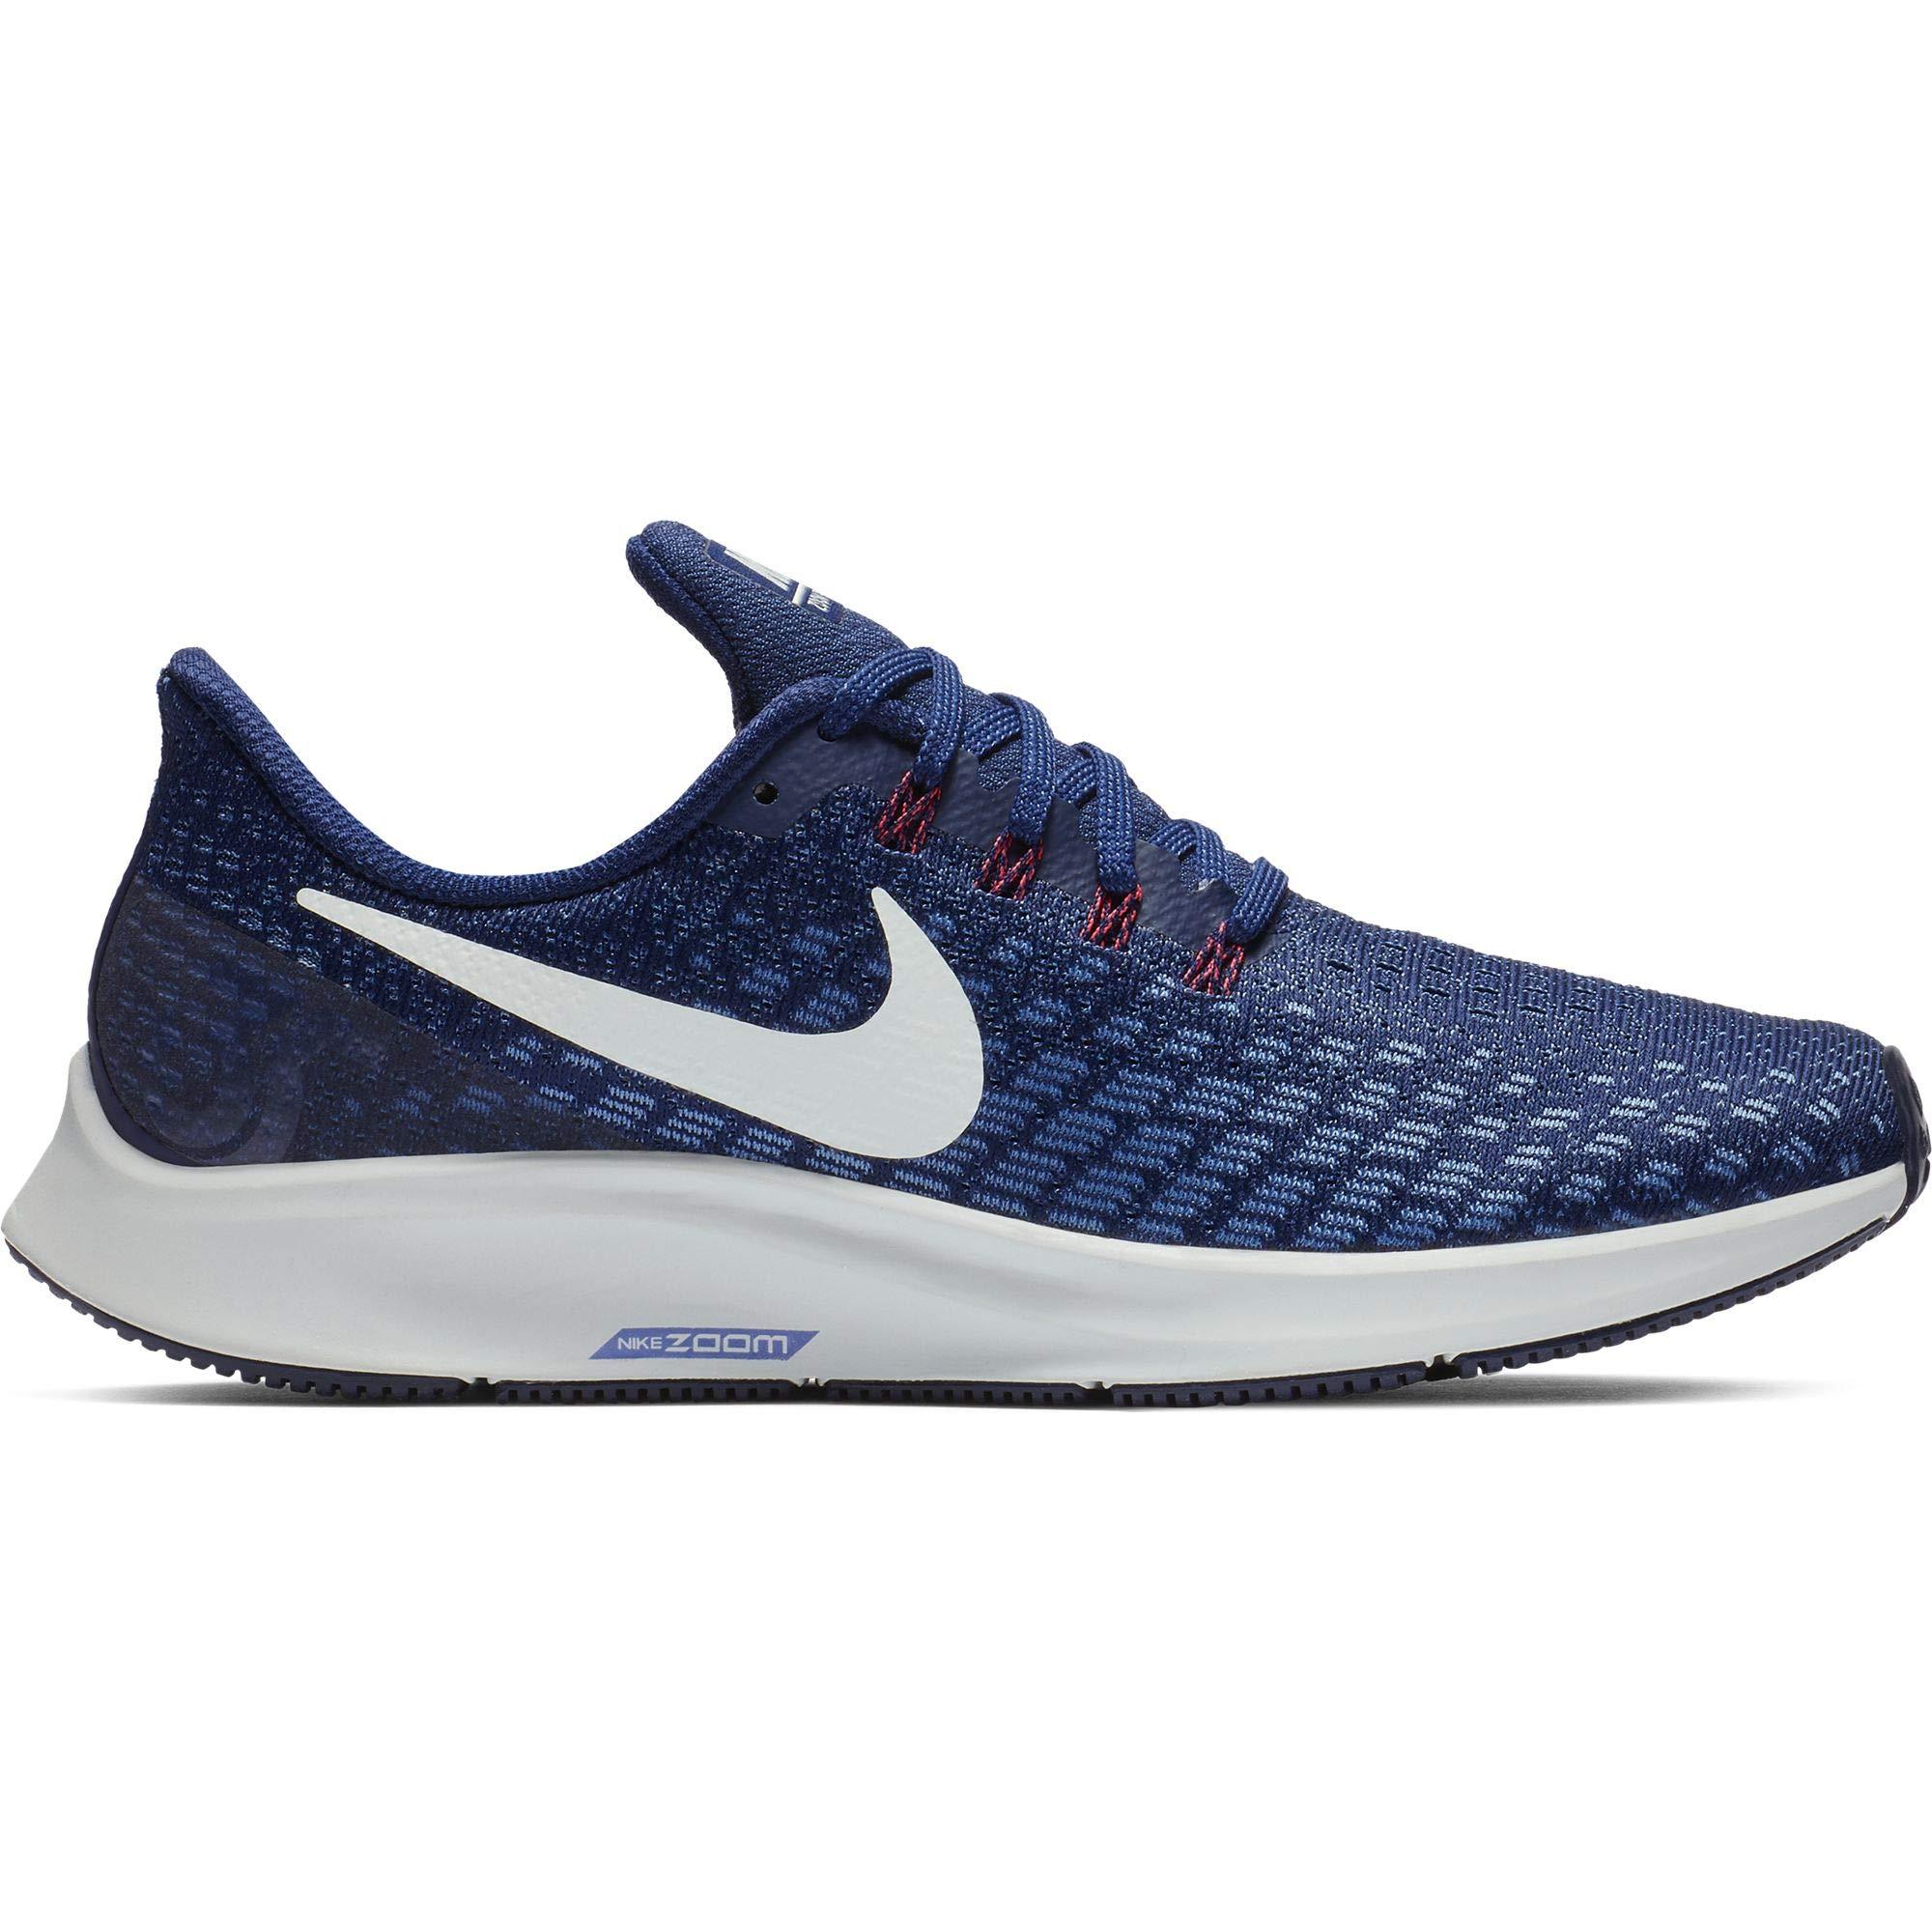 6f580baec1cb Galleon - Nike Women s Zoom Pegasus 35 Running Shoe Blue Void Ghost Aqua Indigo  Storm Size 9.5 M US